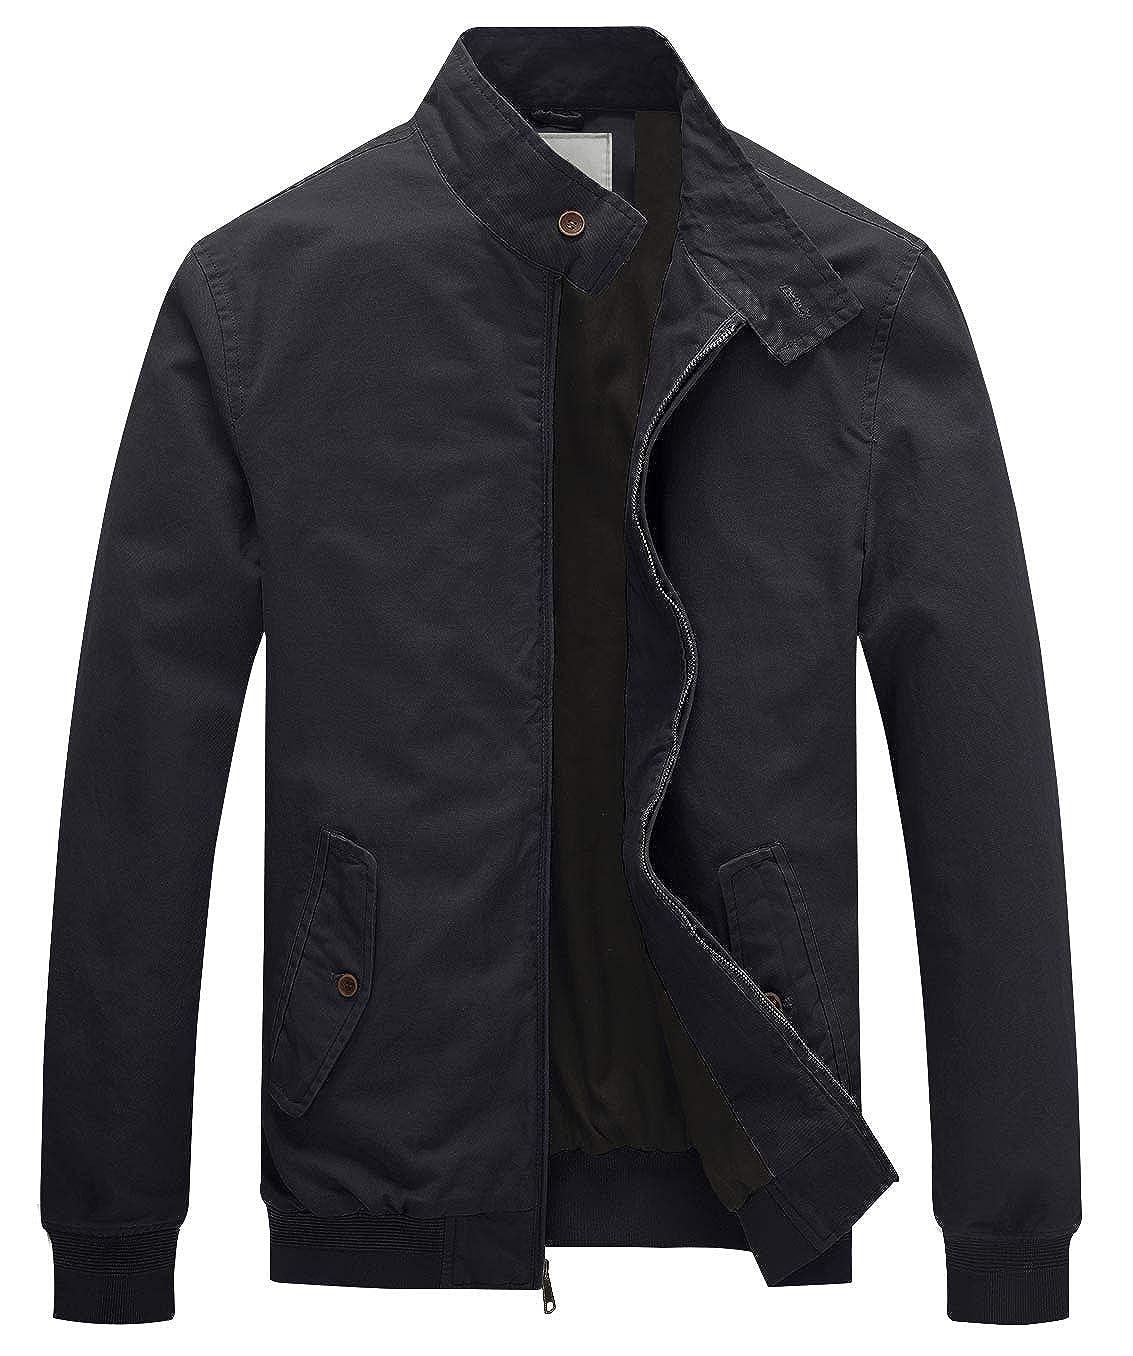 WenVen Homme Veste D/écontract/ée en Coton Coupe-Vent Blouson L/éger Col Montant Style Simple Classique pour Printemps Automne